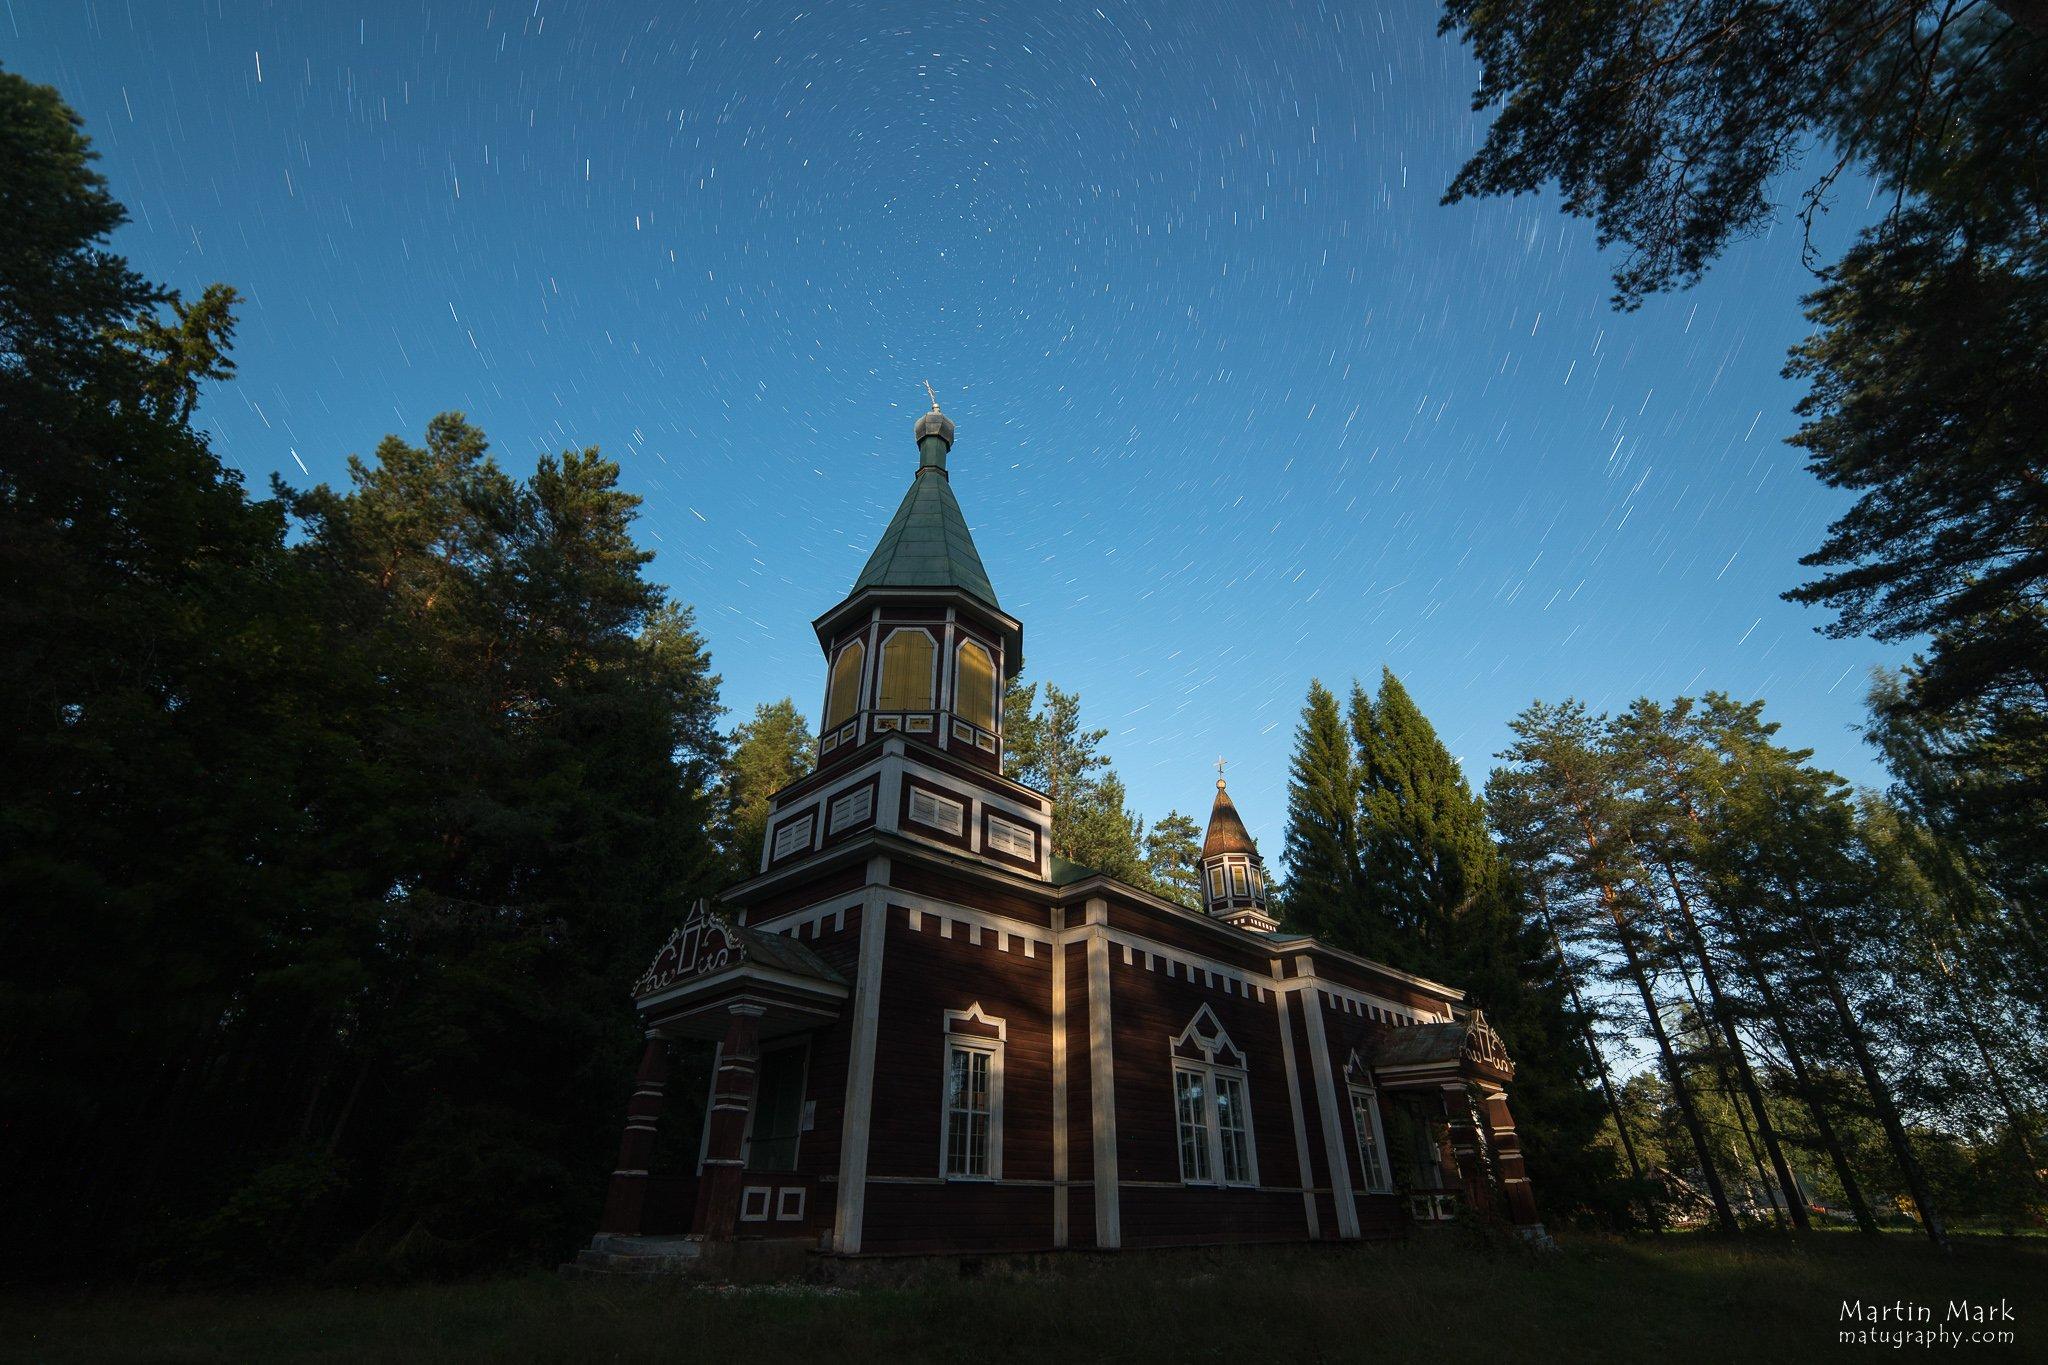 Ristiku kirik Põhjanaela all